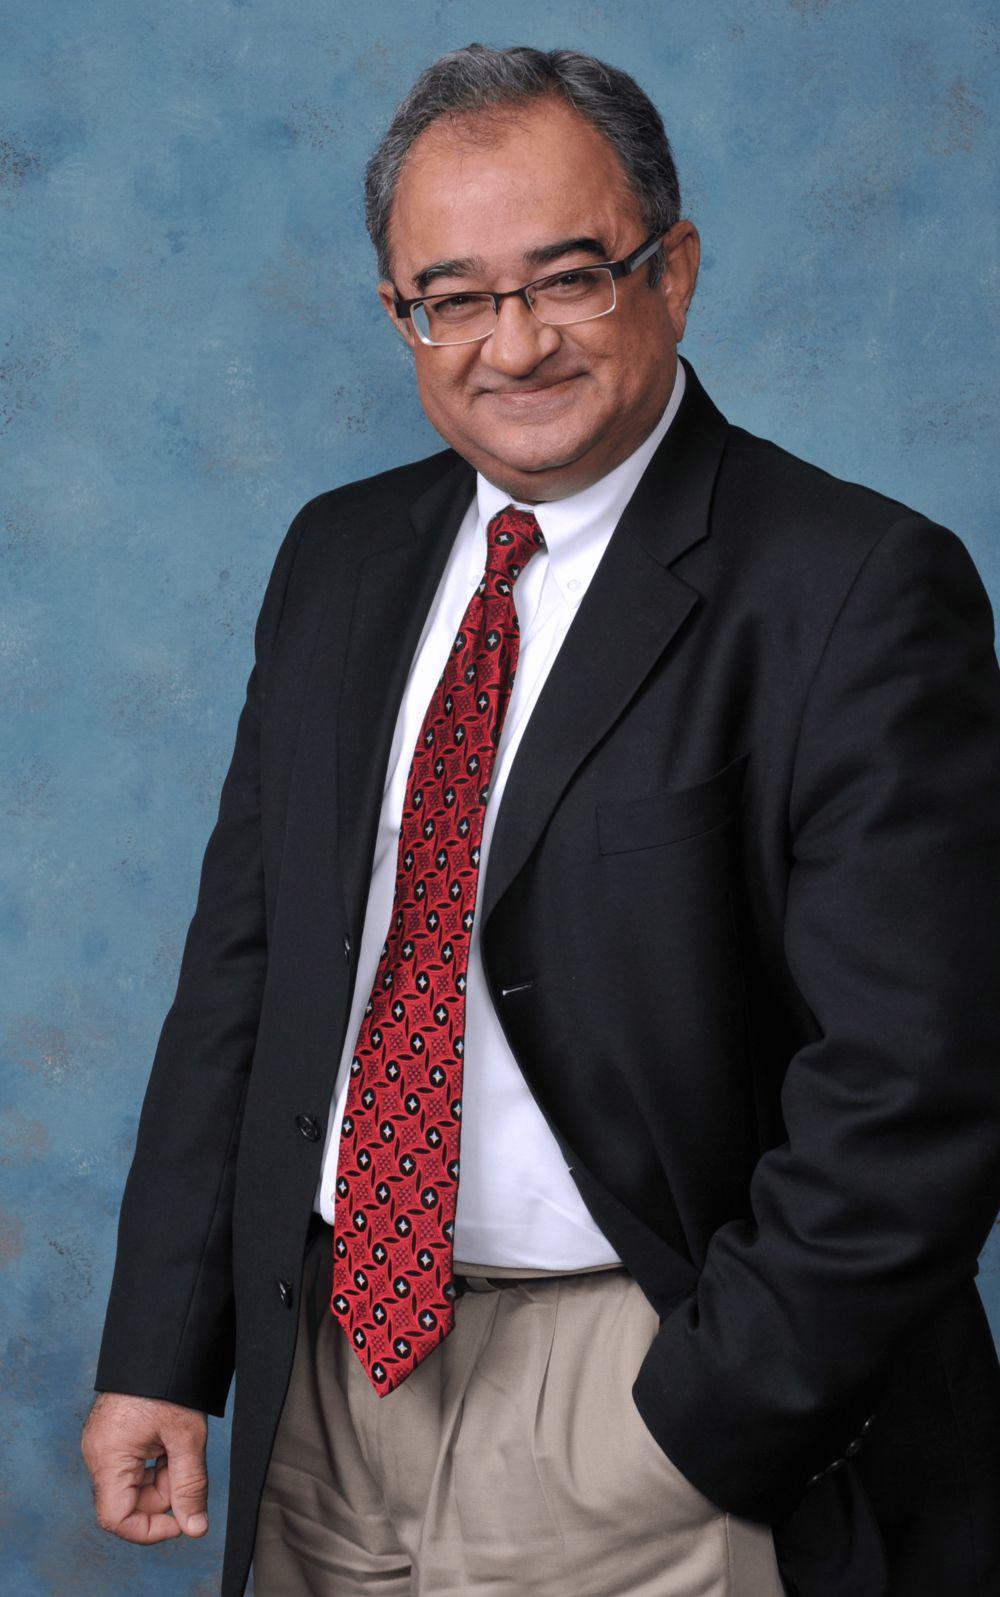 Tarek Fatah